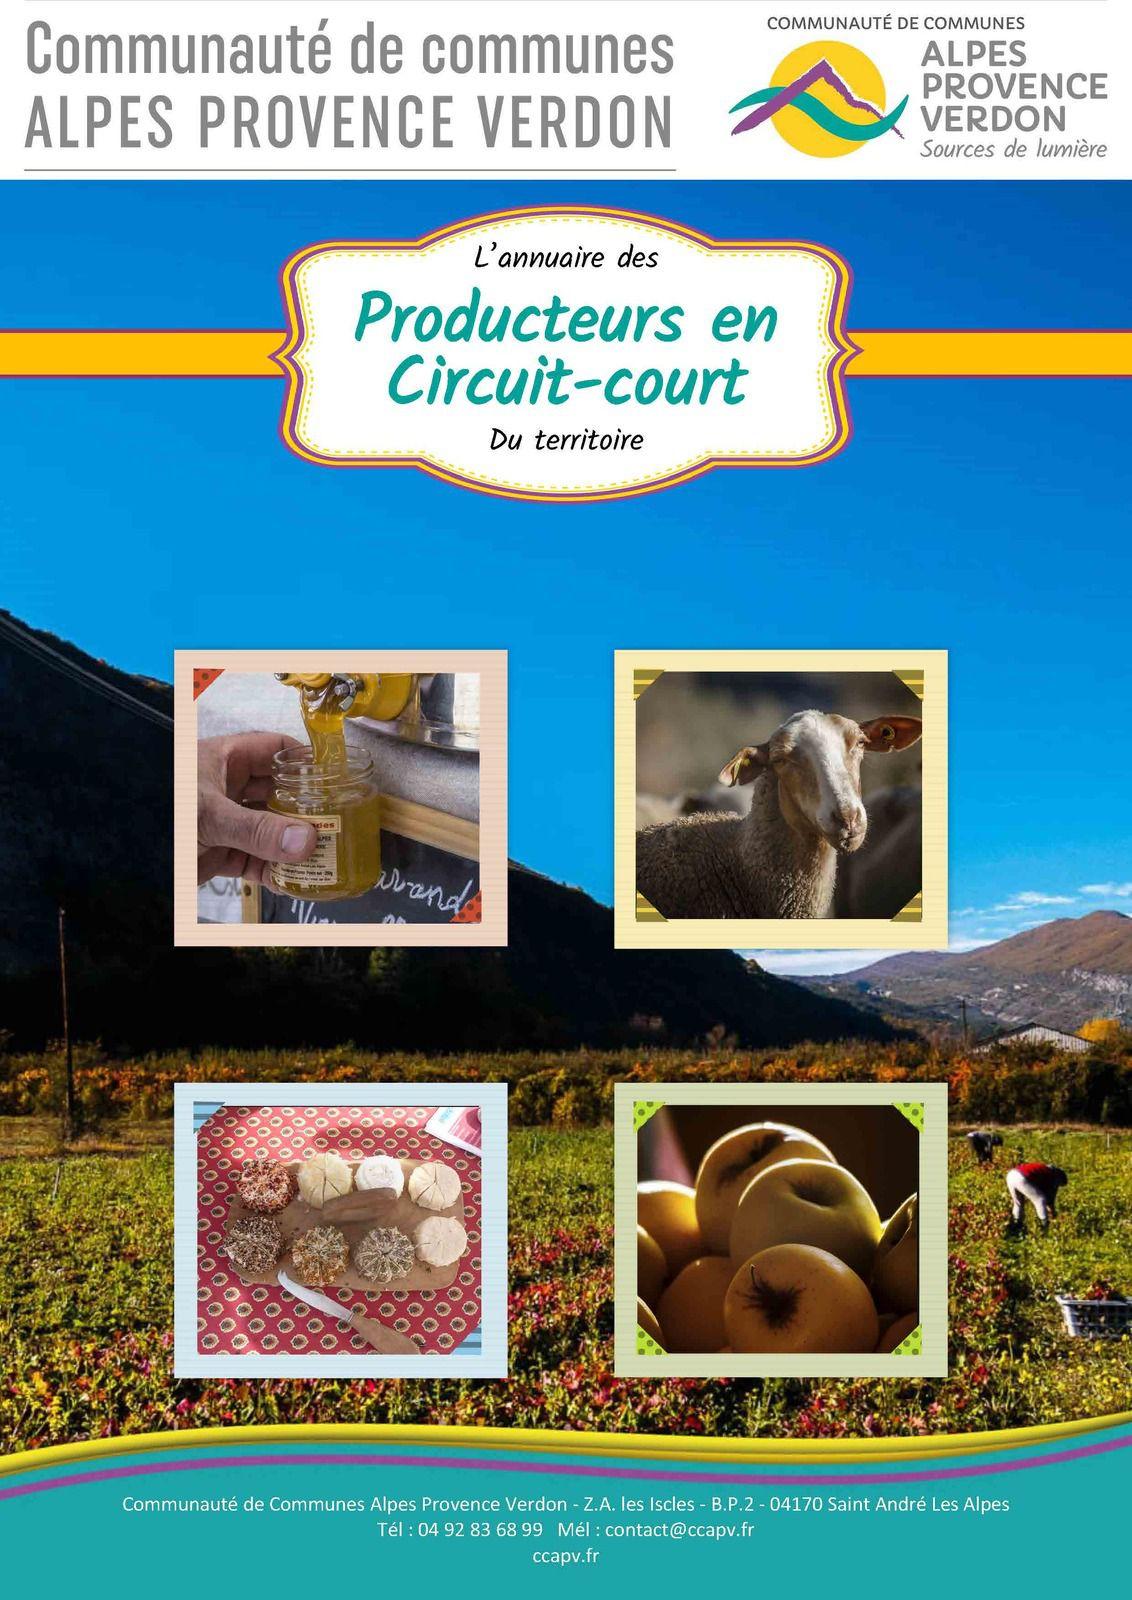 CCAPV: Annuaire des producteurs en circuits courts de la CCAPV